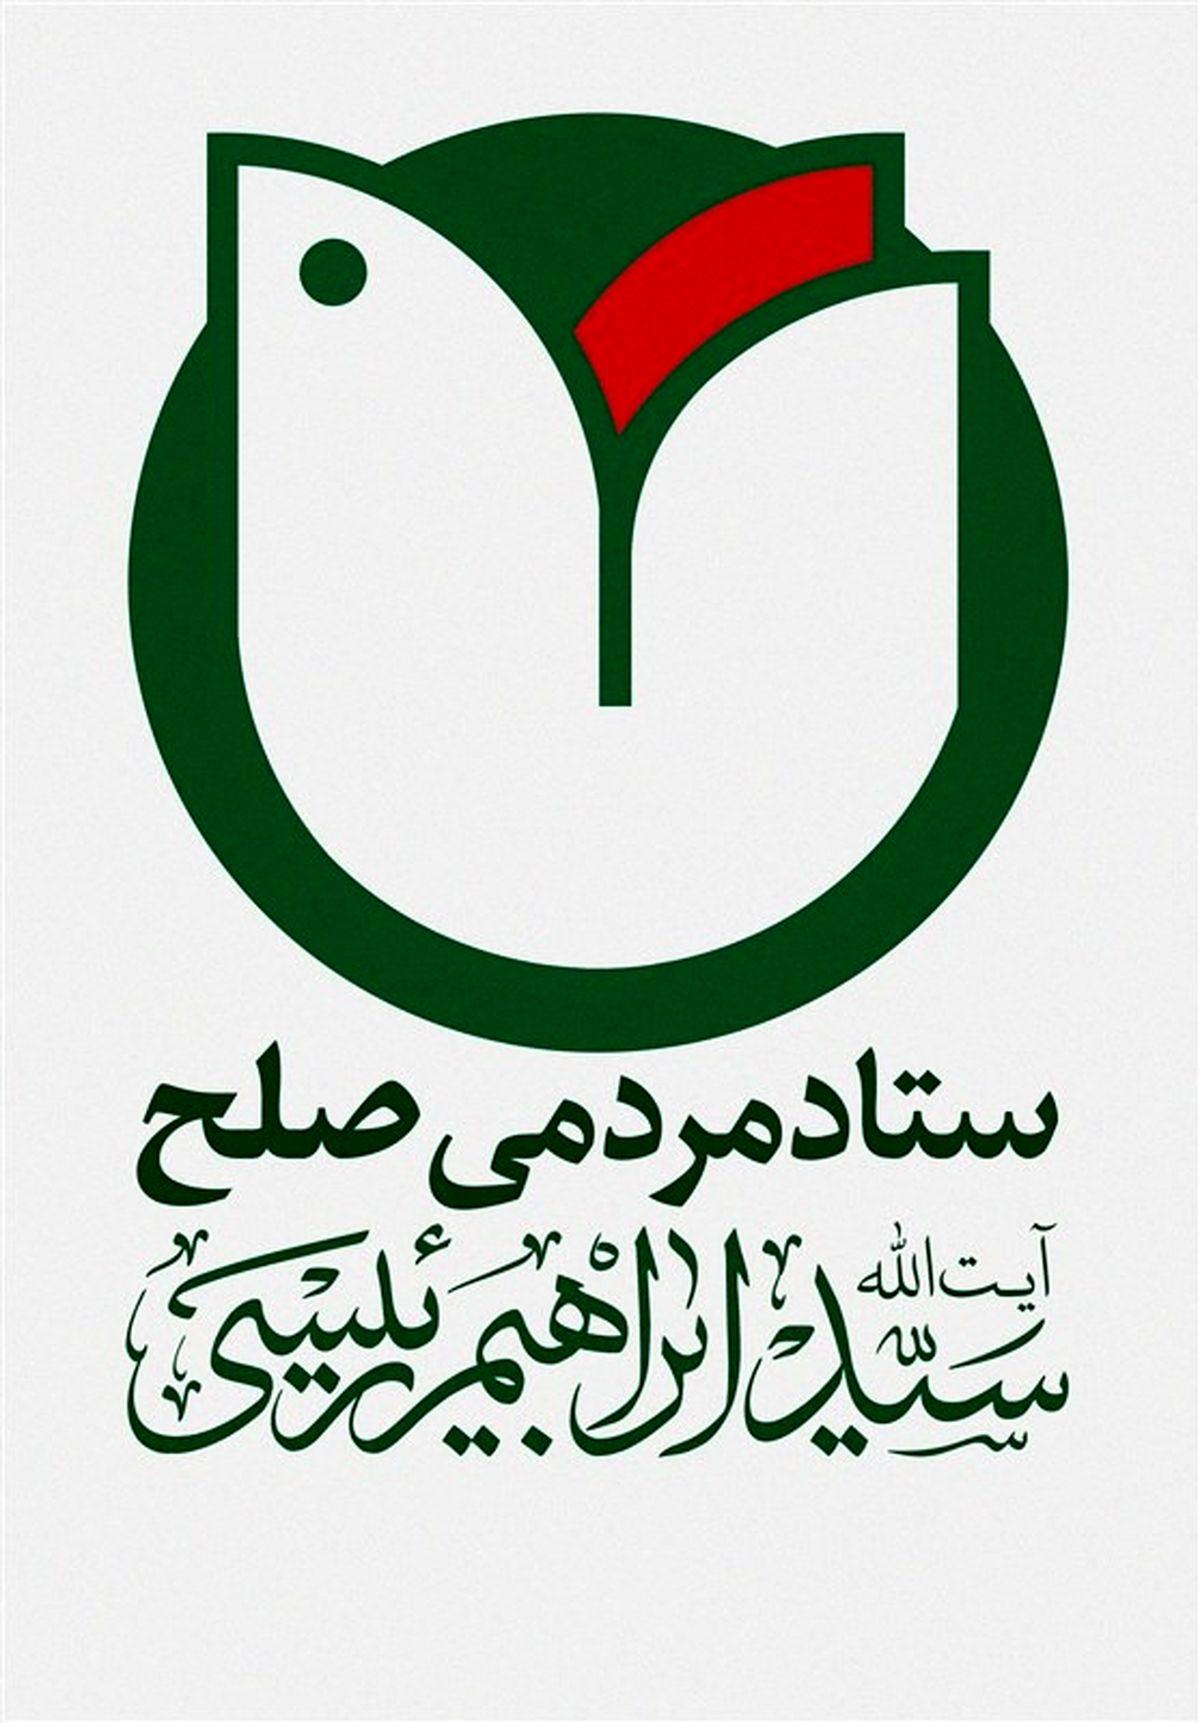 حمایت ستاد مردمی صلح استان کرمانشاه از آیتالله سید ابراهیم رییسی